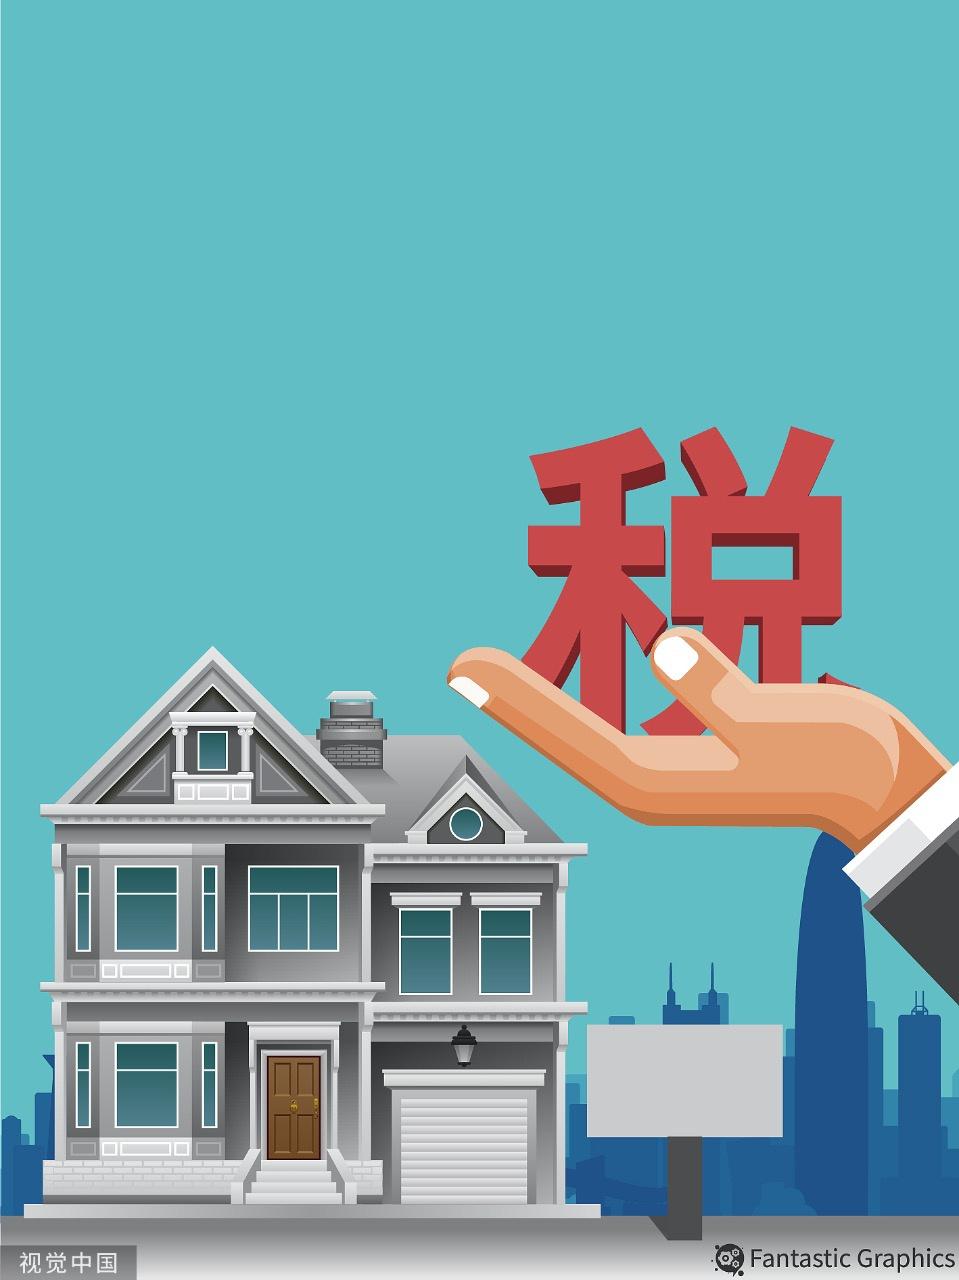 双11的最大红包来自深圳税务?卖房套路了解下双11